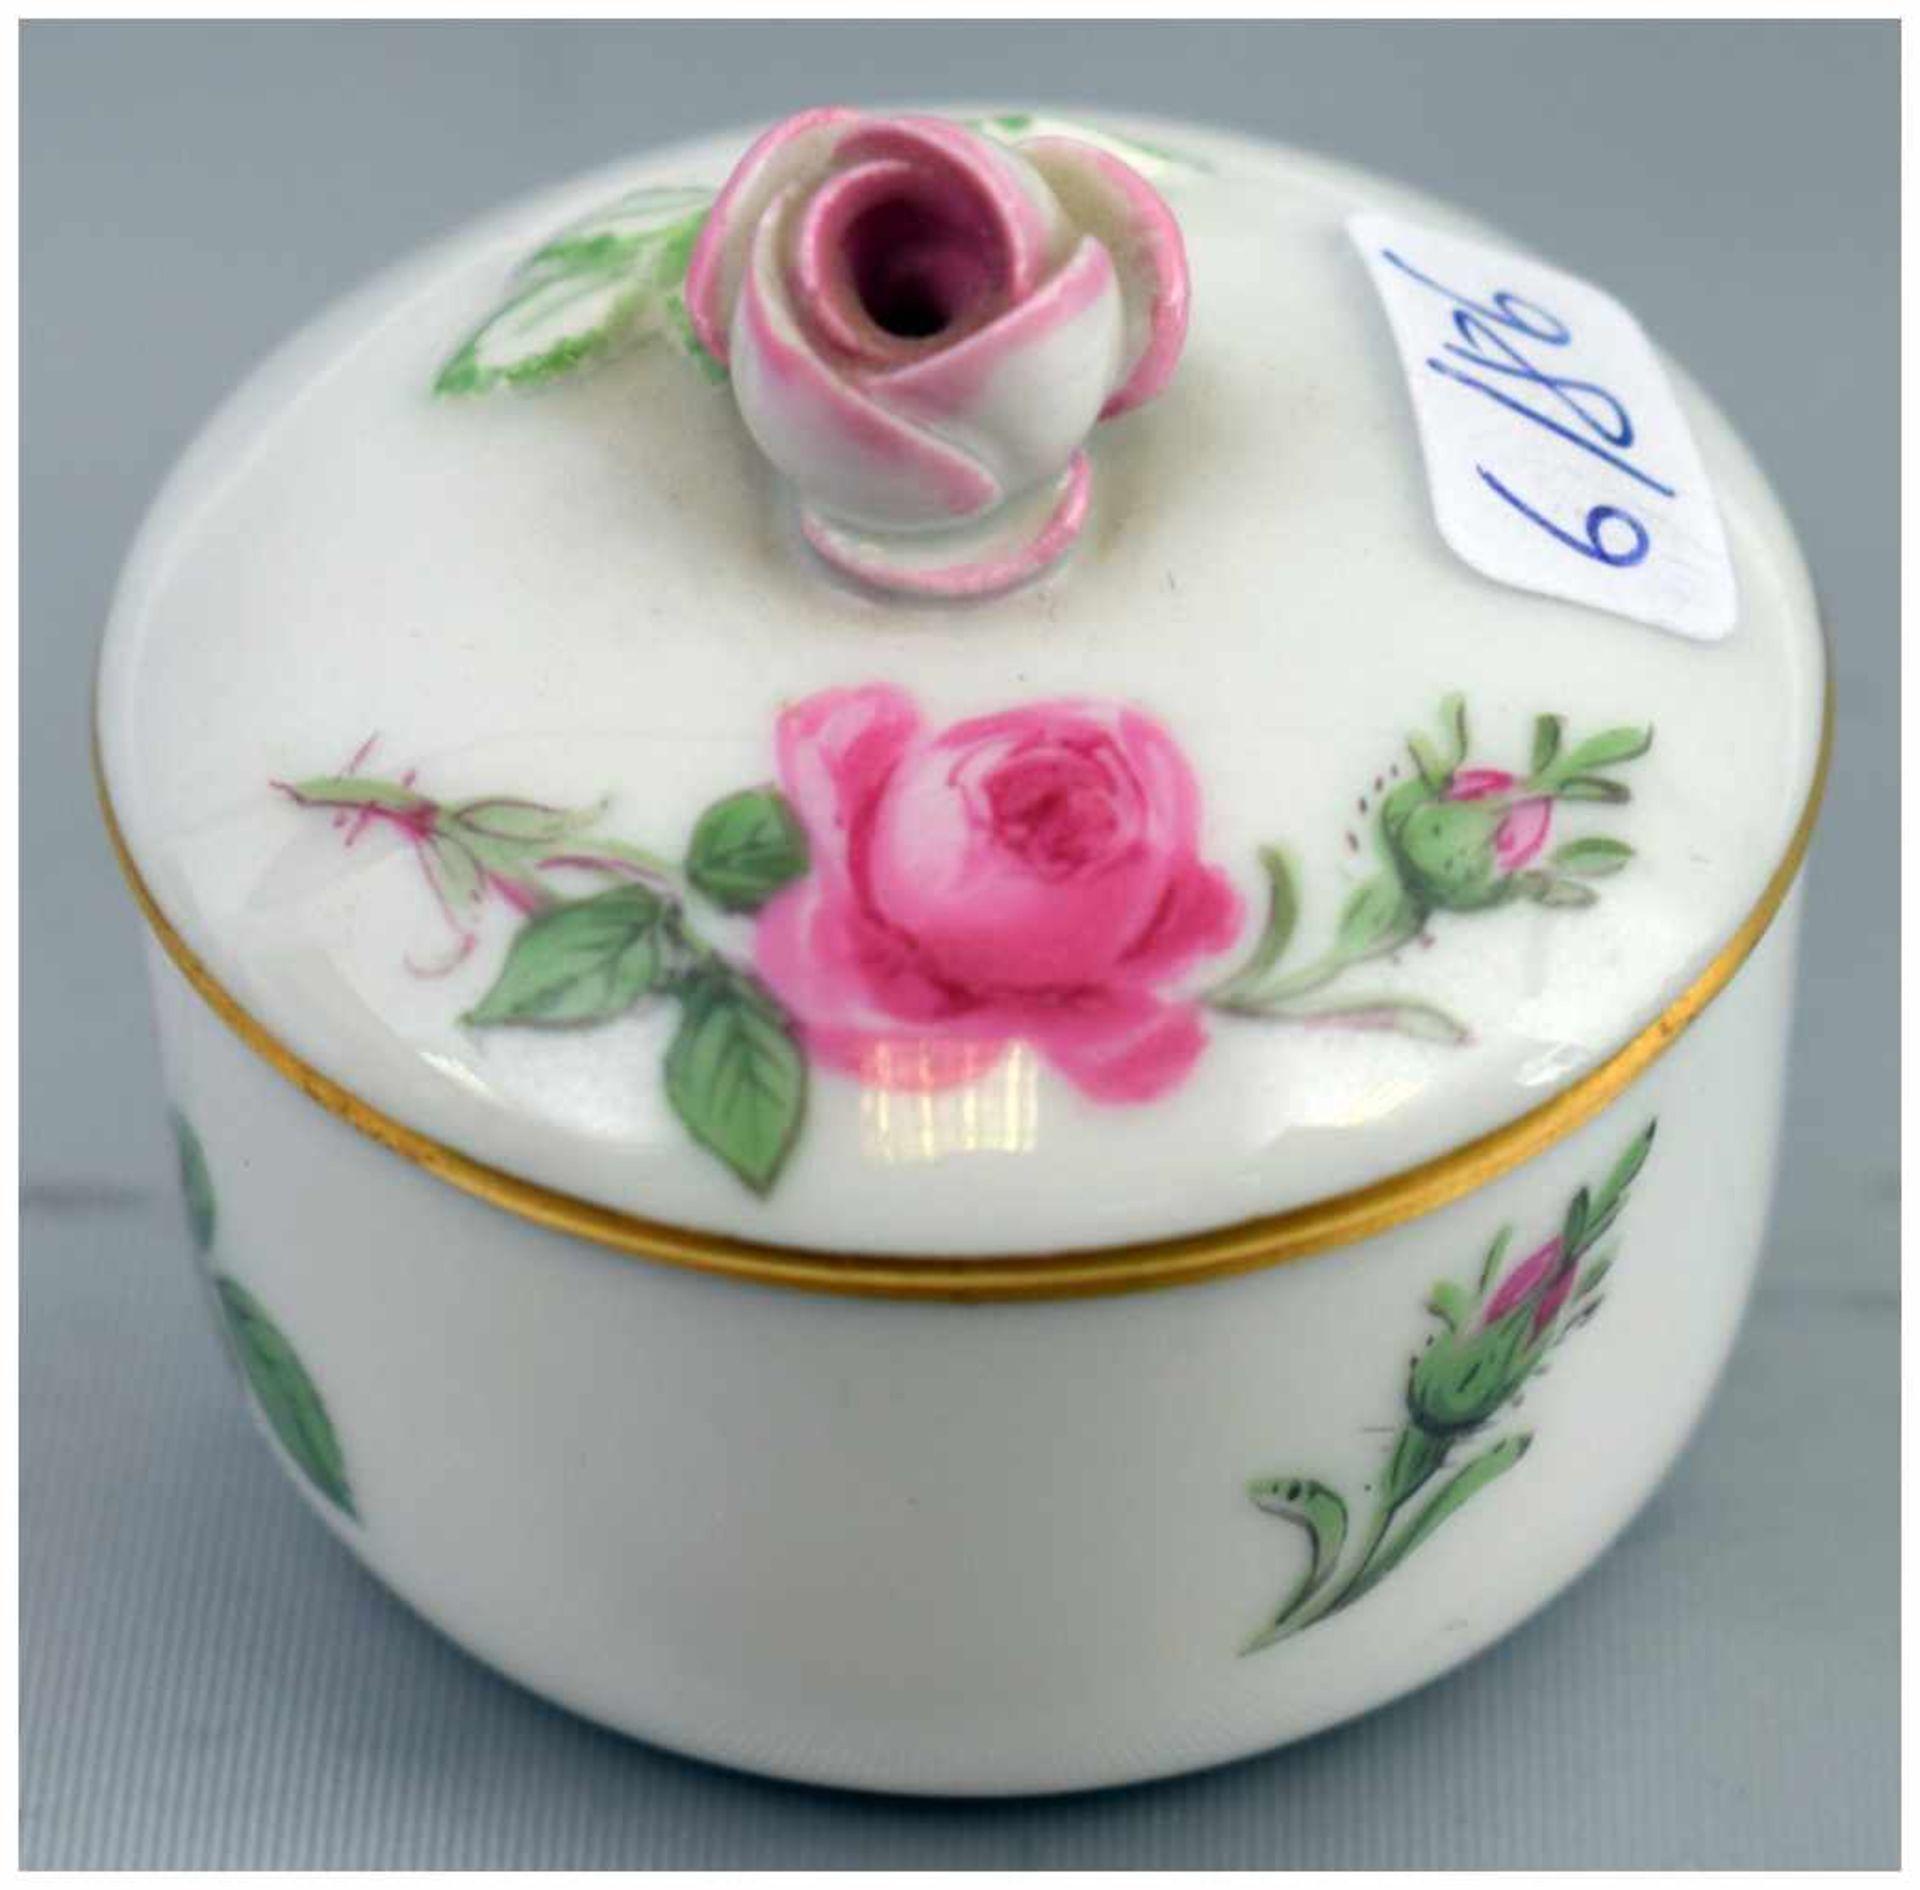 Los 17 - Deckeldose rund, Goldrand, Wandung und Deckel mit Rosenbemalung, Deckel mit plastischer Rose